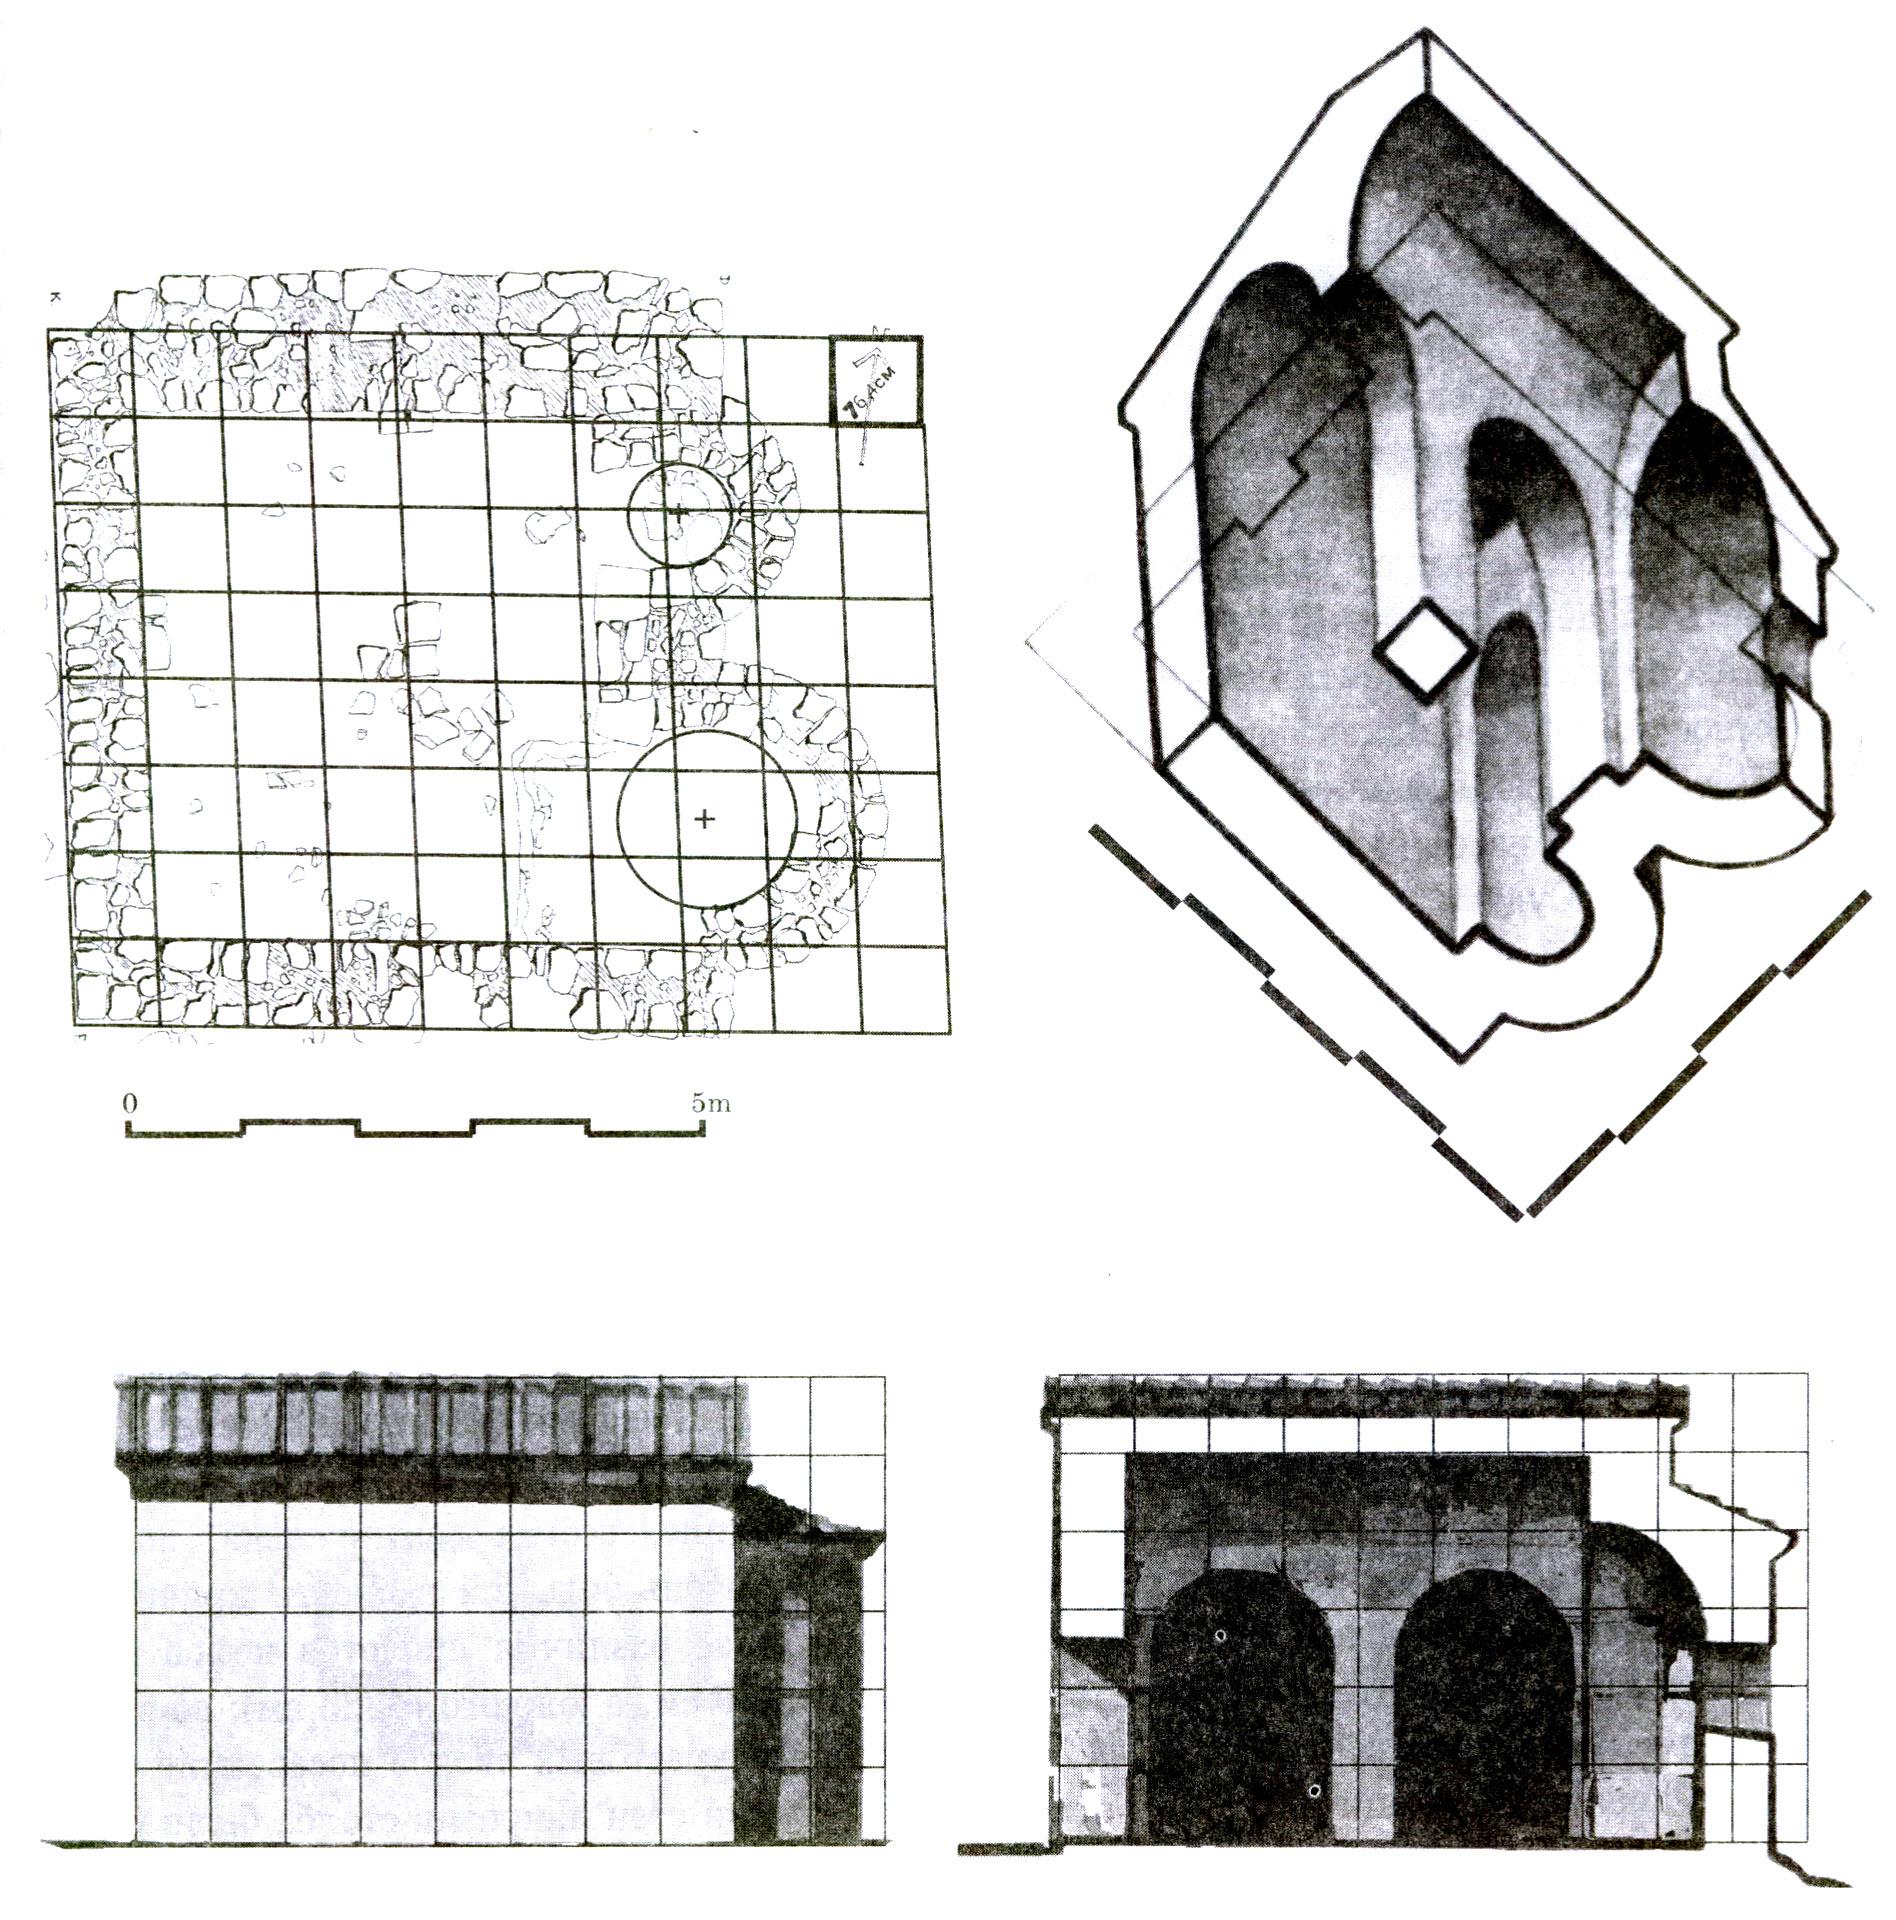 Рис. 1. Храм в Сотере. 1 — пропорциональный аналих храма; 2 — реконструкция; аксонометрический разрез; 4 — южный фасад и поперечный разрез.